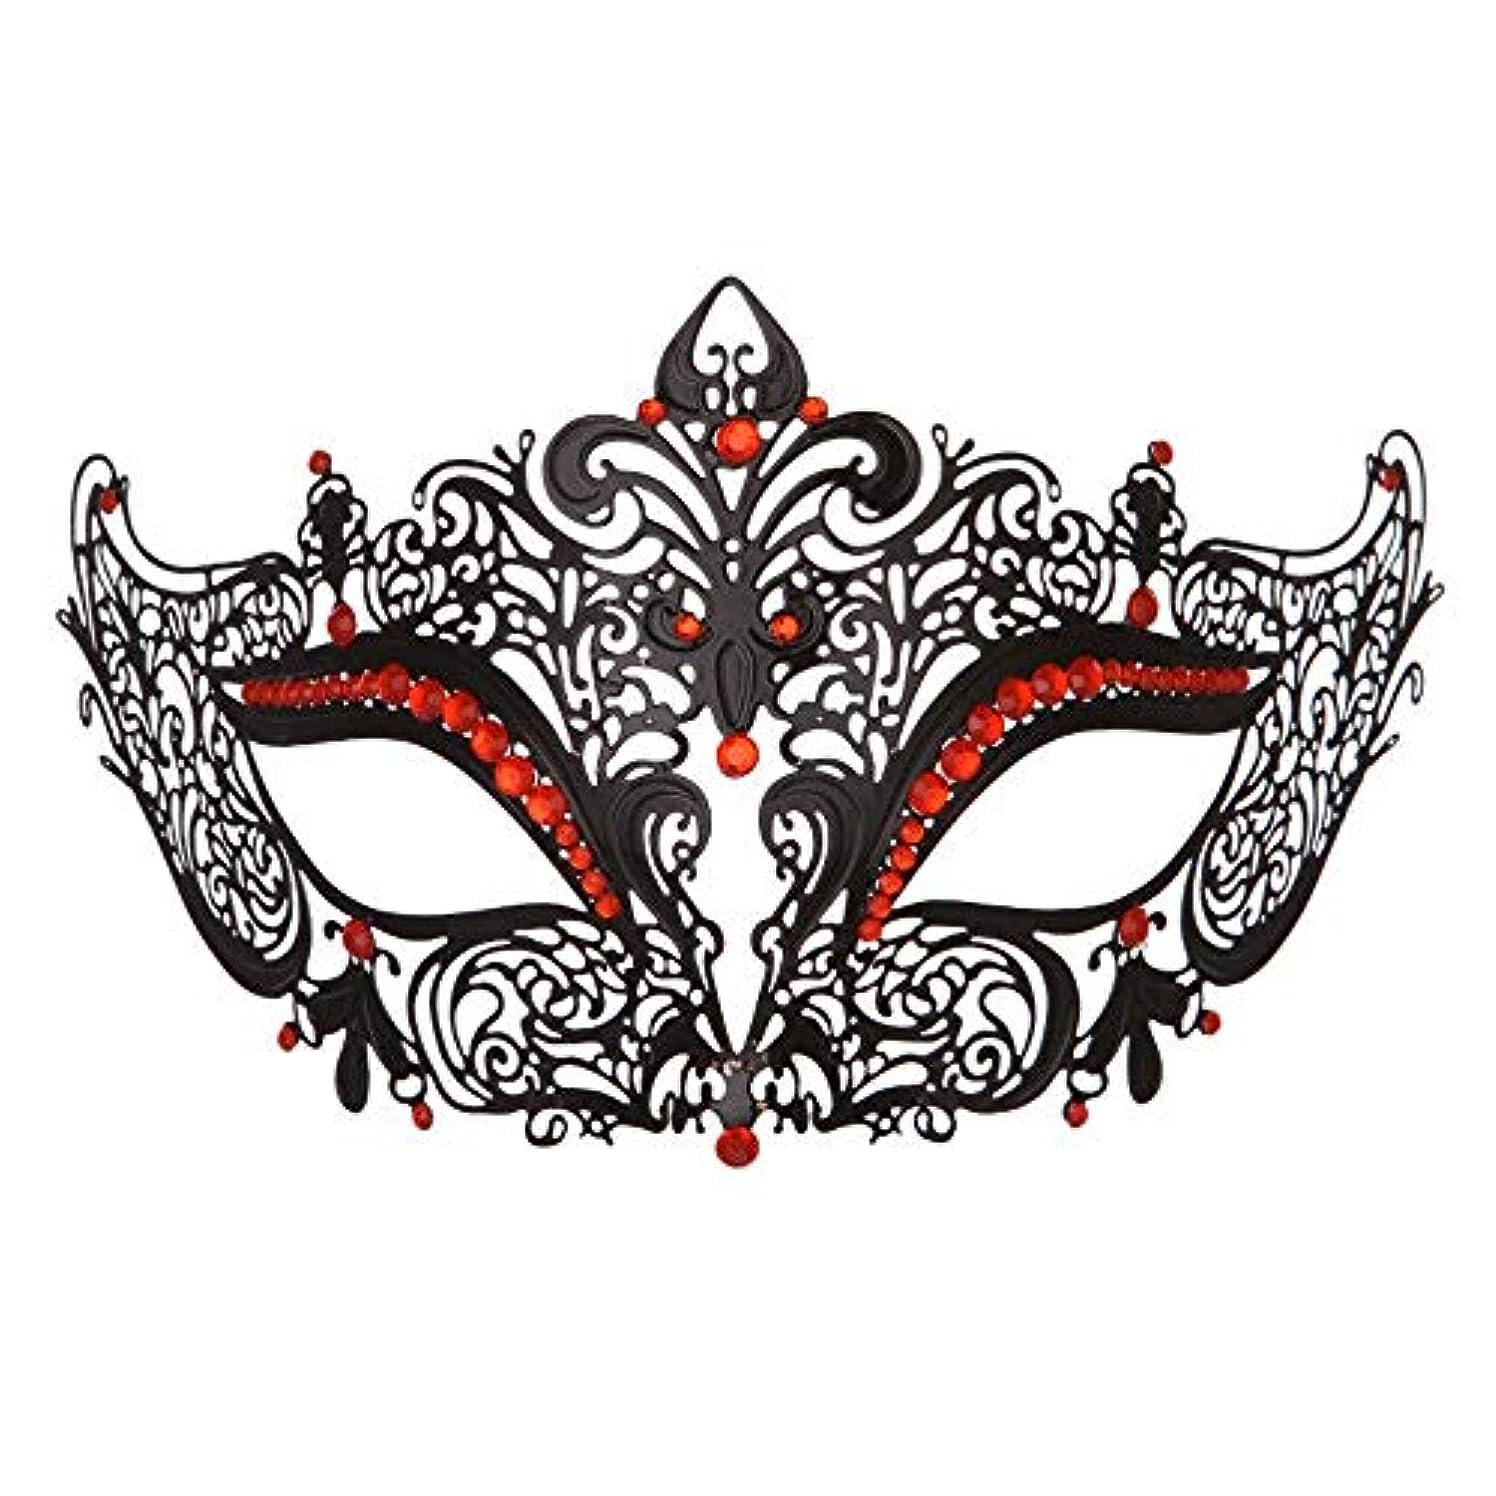 広告主急いで盆地ダンスマスク 高級金属鉄マスク女性美少女中空ハーフフェイスファッションナイトクラブパーティー仮面舞踏会マスク ホリデーパーティー用品 (色 : 赤, サイズ : 19x8cm)